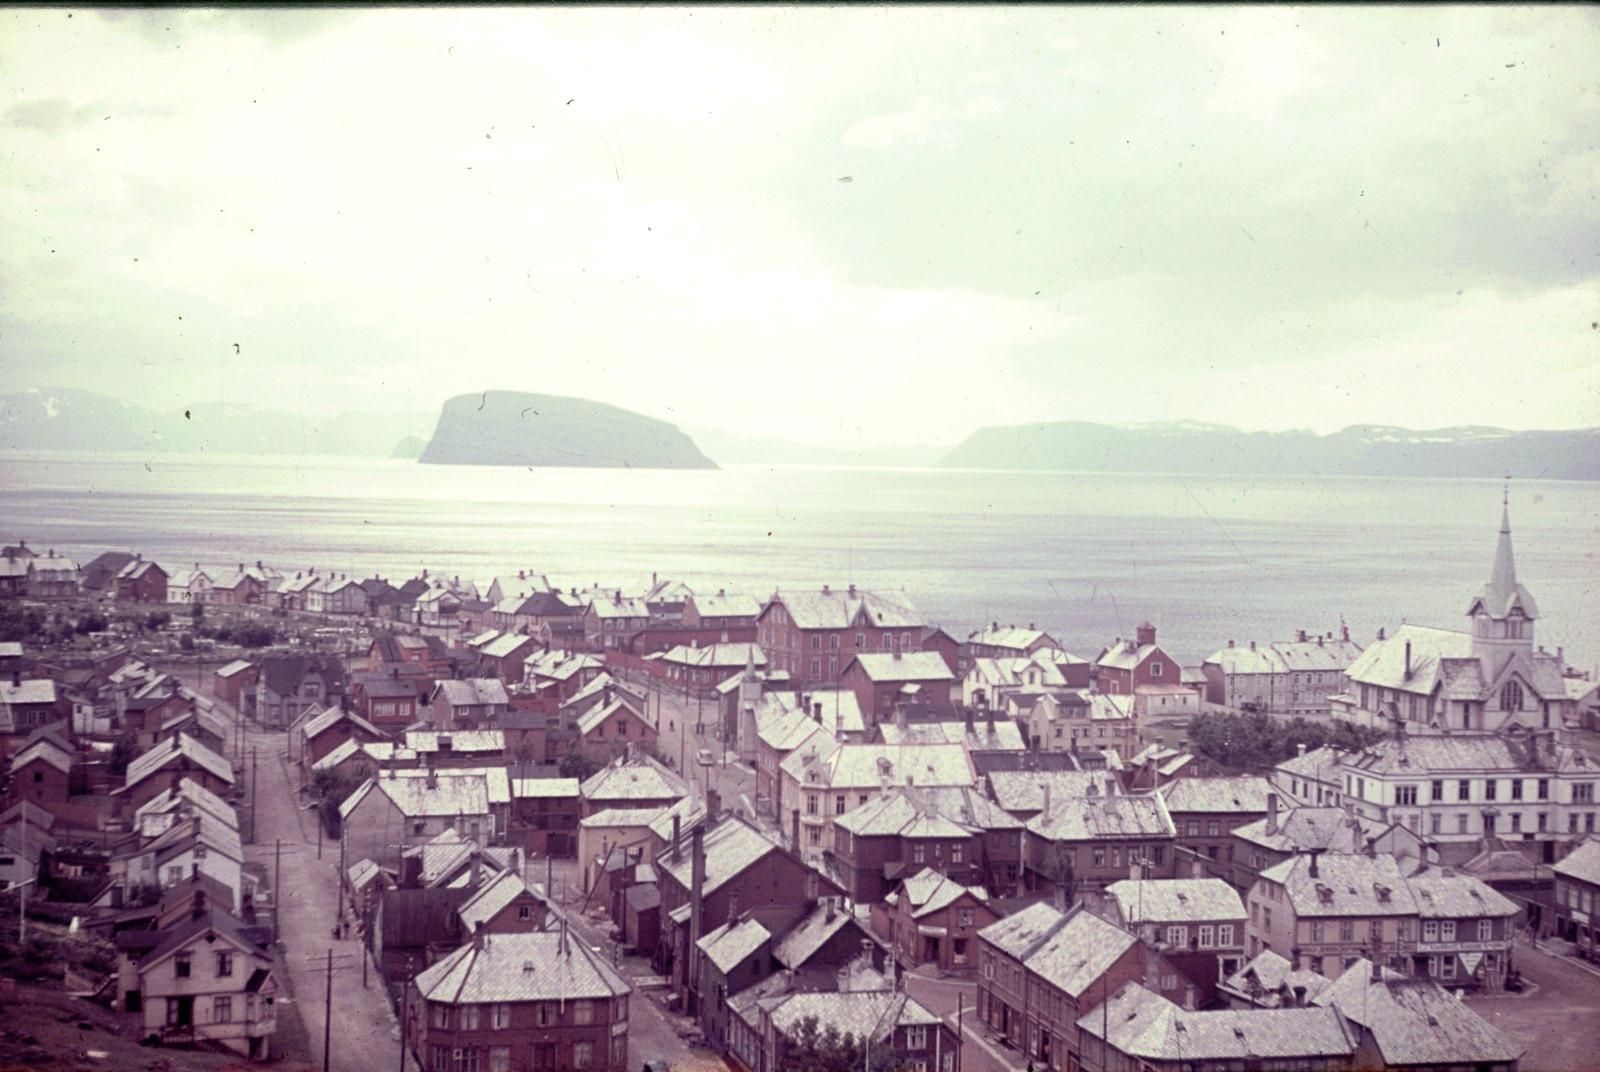 Хаммерфест. Вид на город с церковью